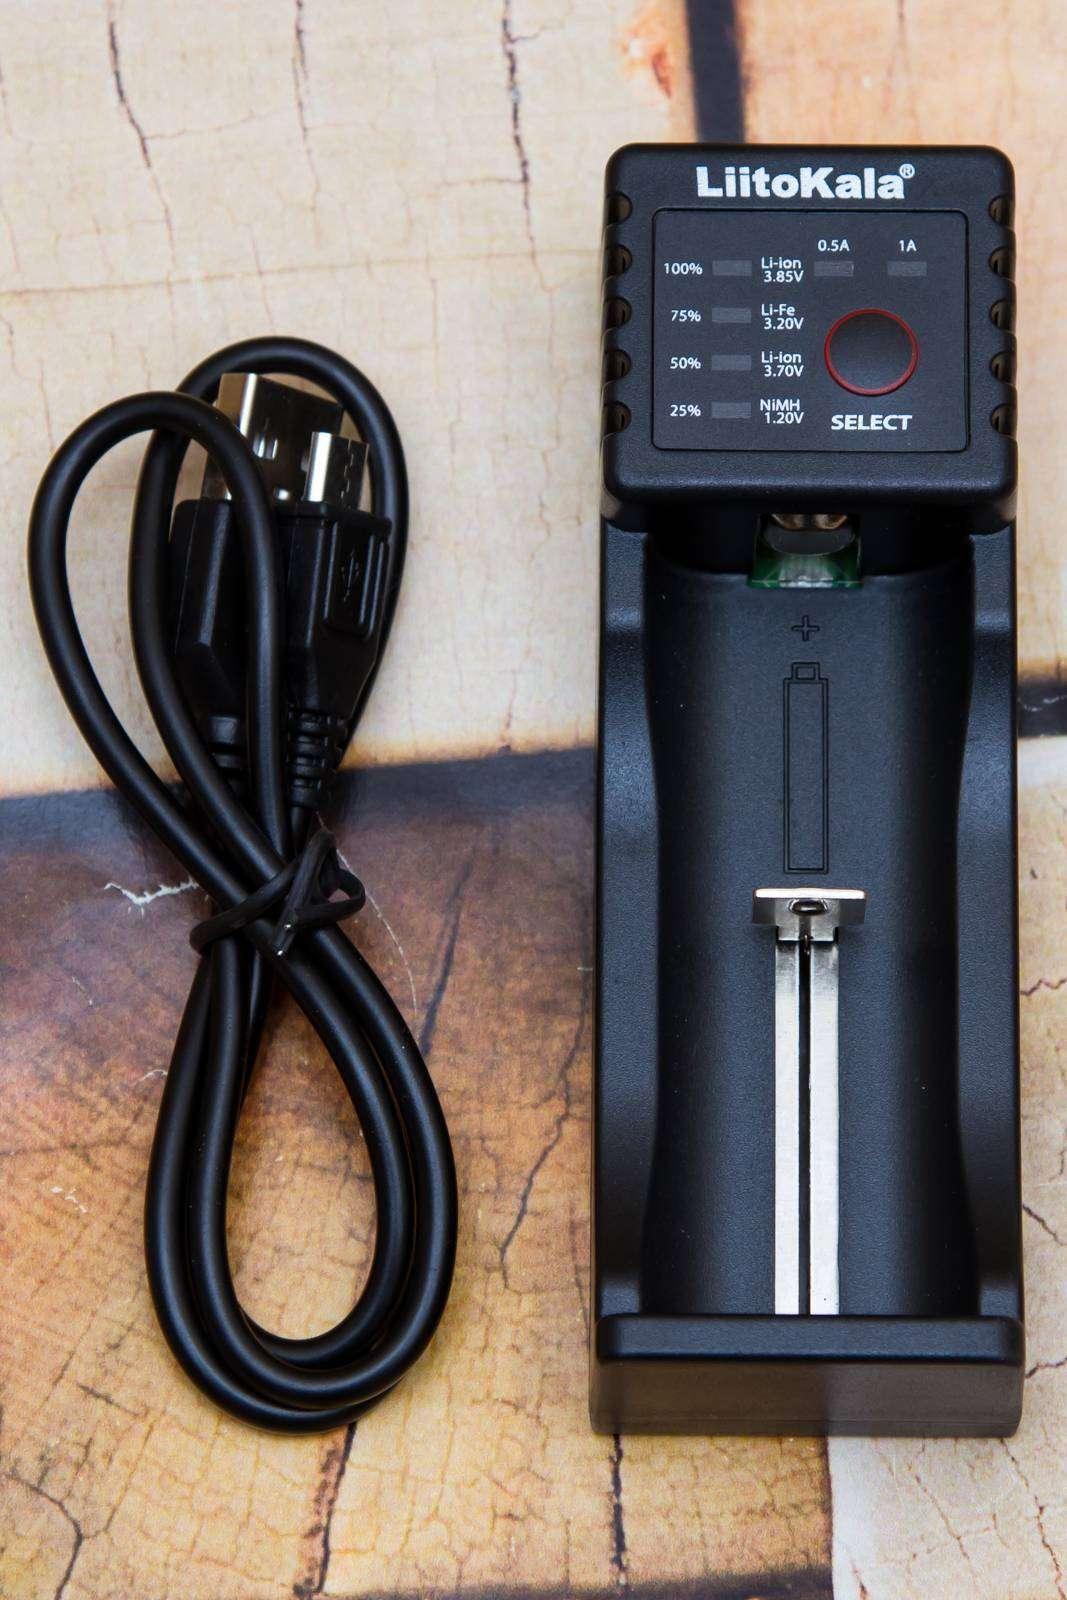 GearBest: Недорогие домашние зарядки, часть 9 - Liitokala Lii - 100